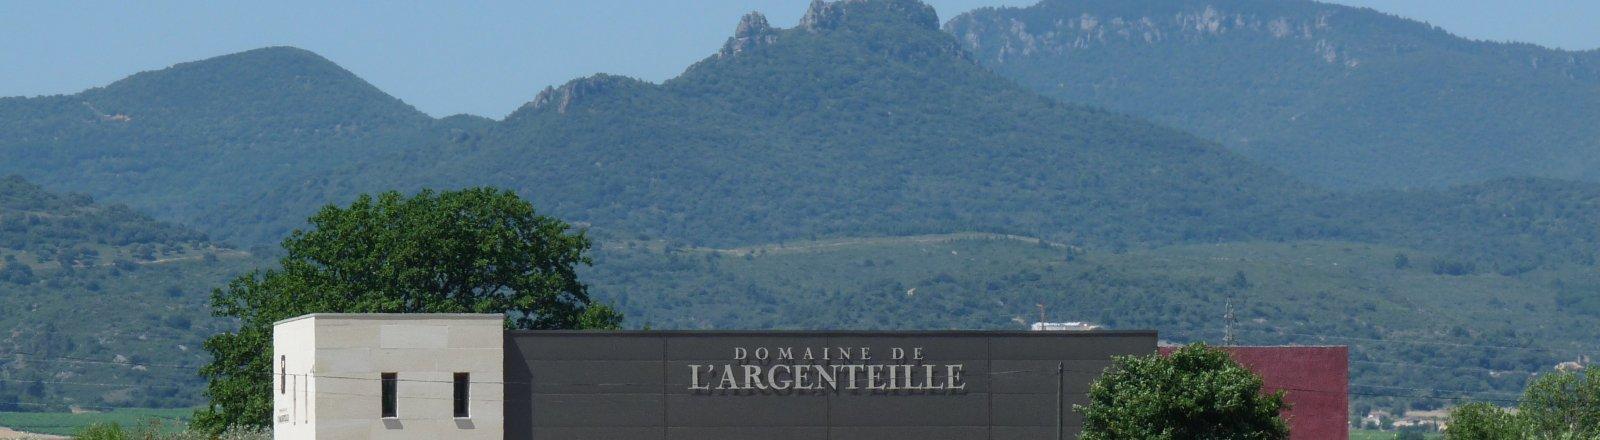 DOMAINE DE L'ARGENTEILLE © Jeanjean